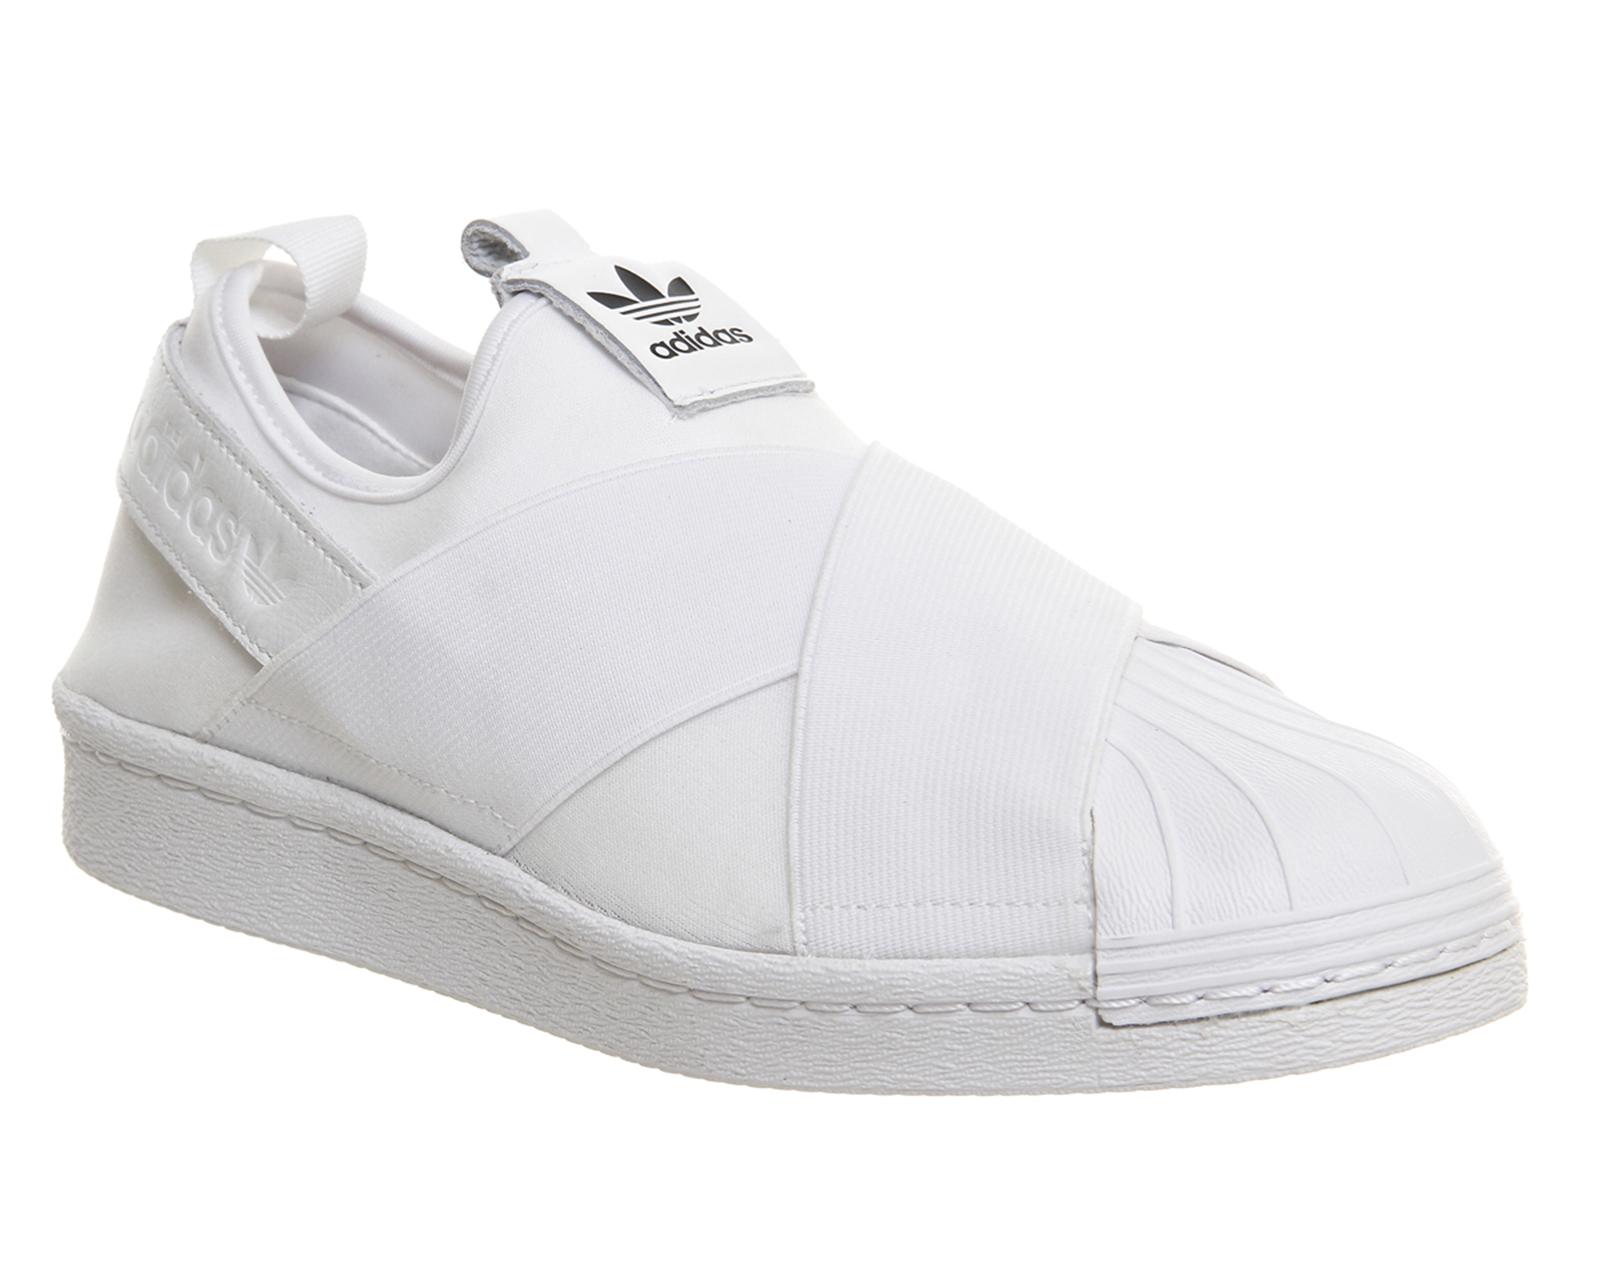 adidas slip on uk